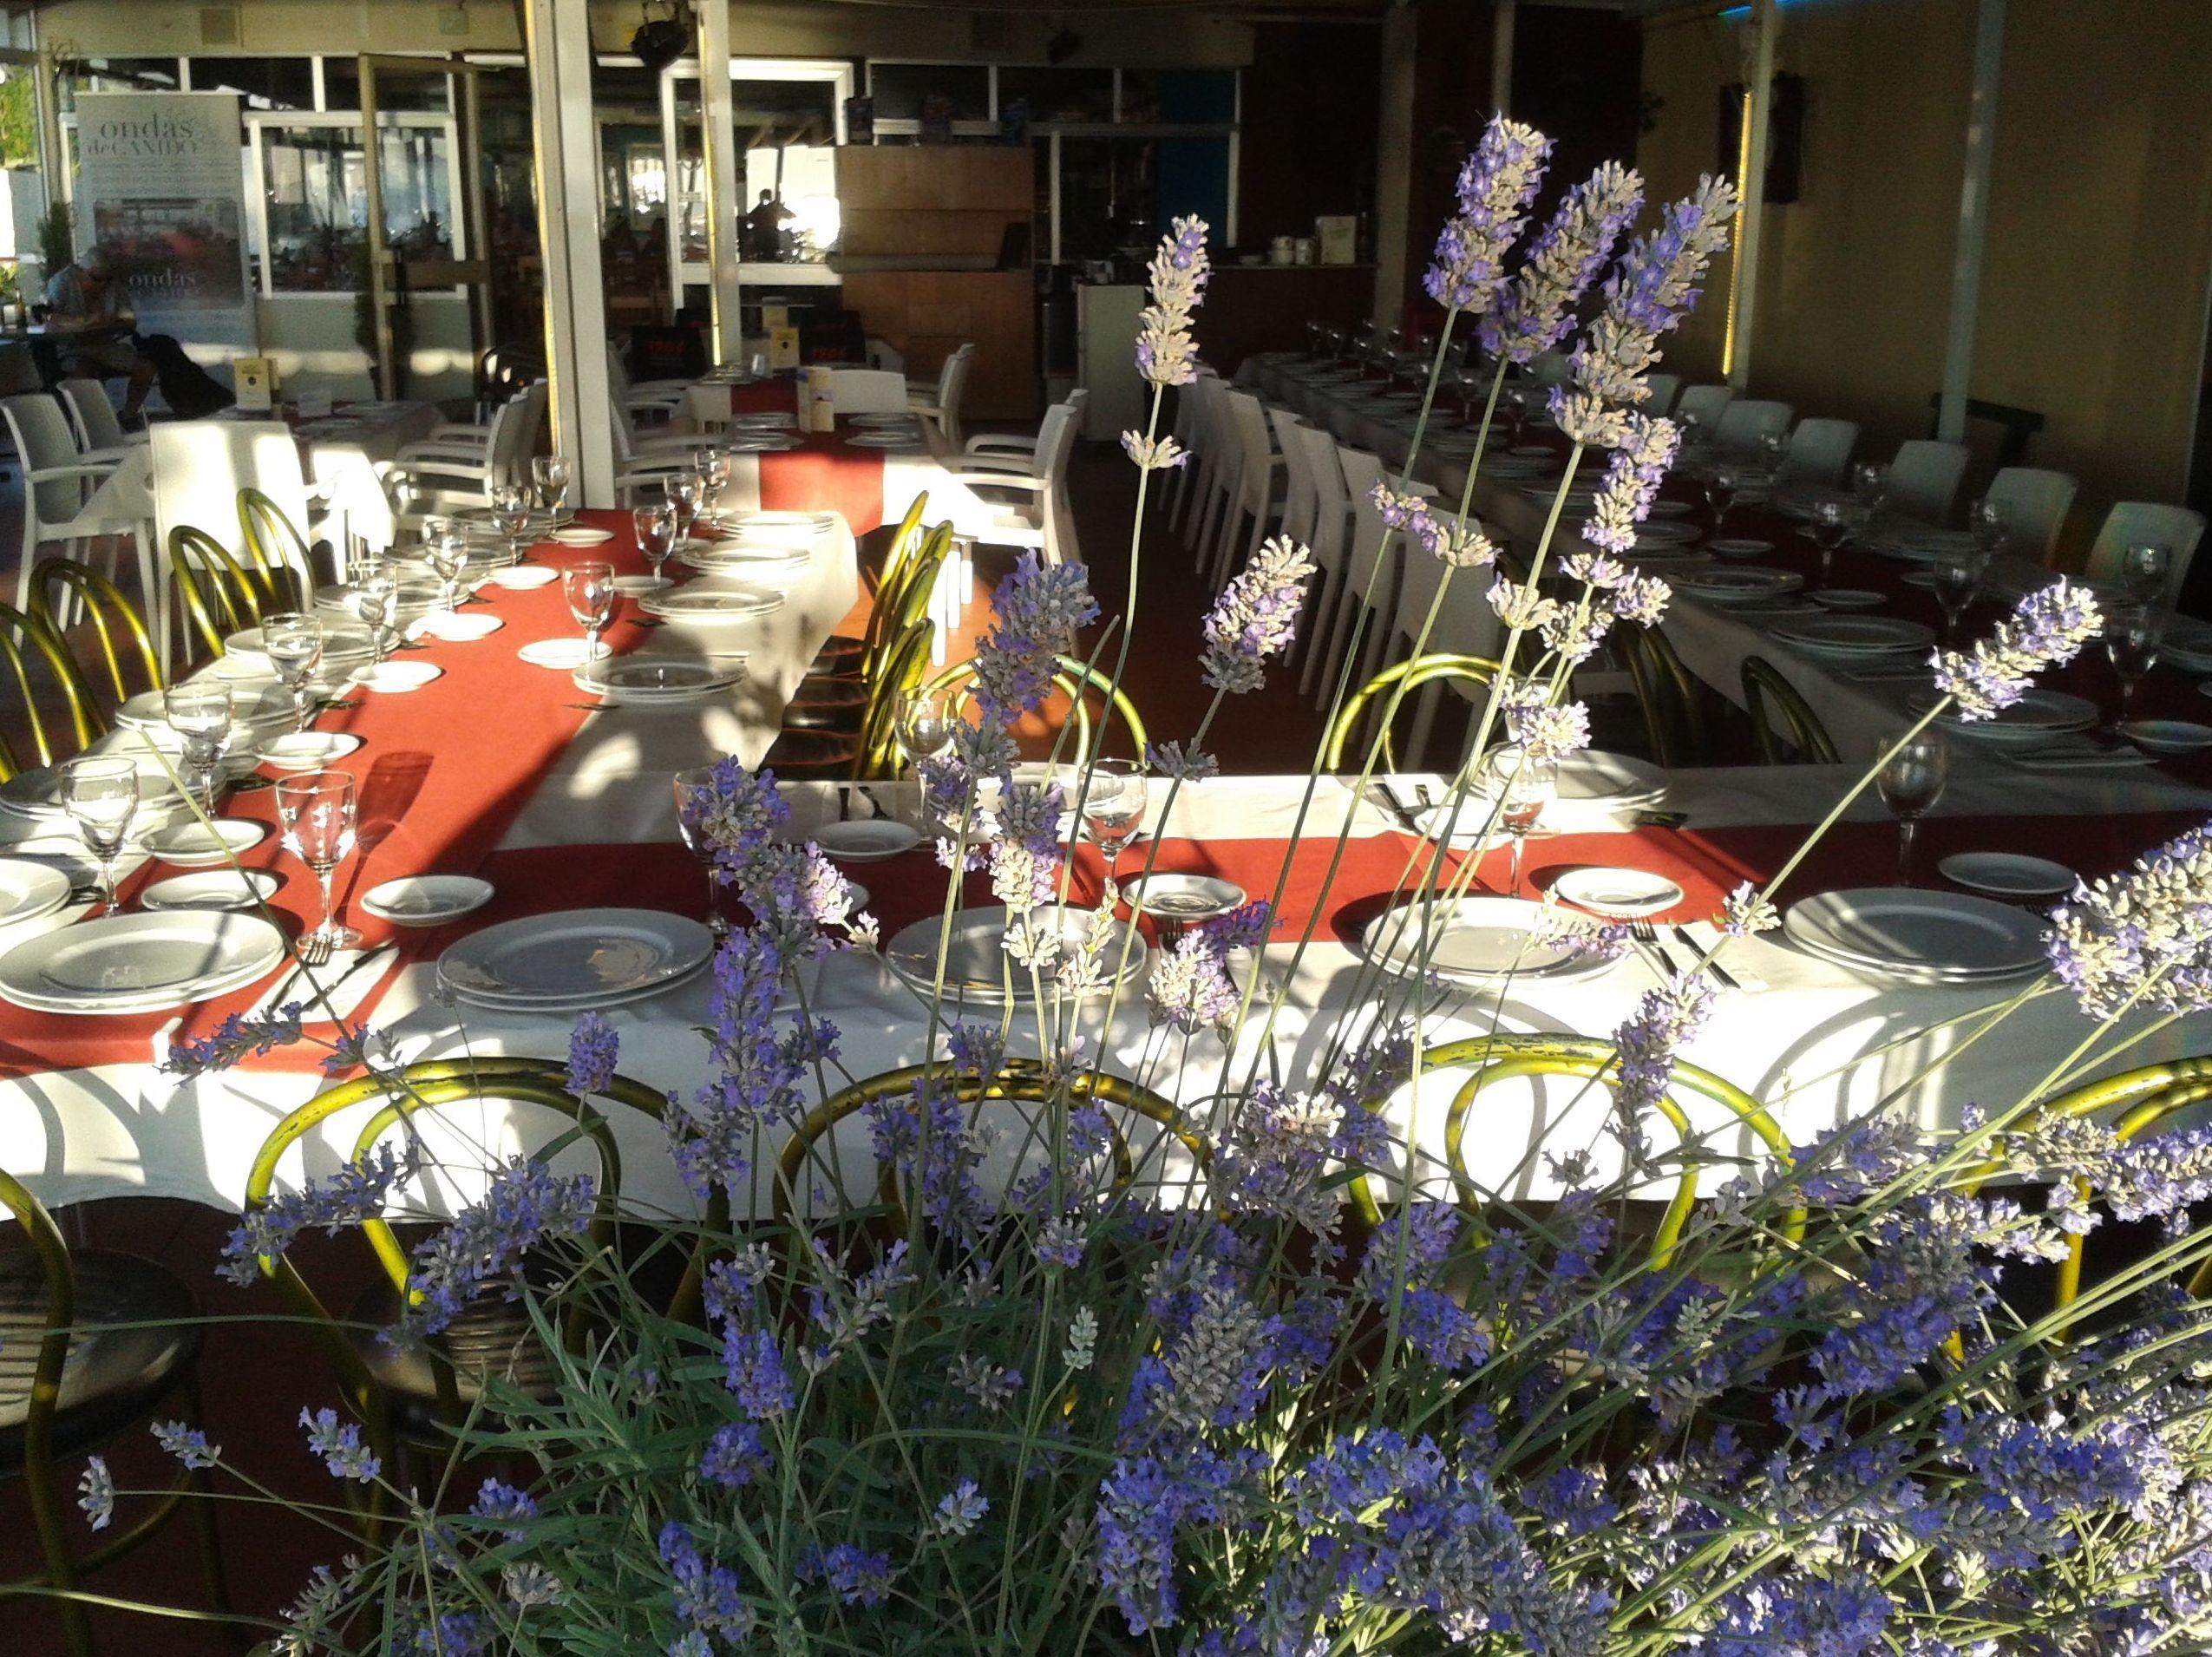 Foto 10 de Restaurante en vigo | Ondas de Canido